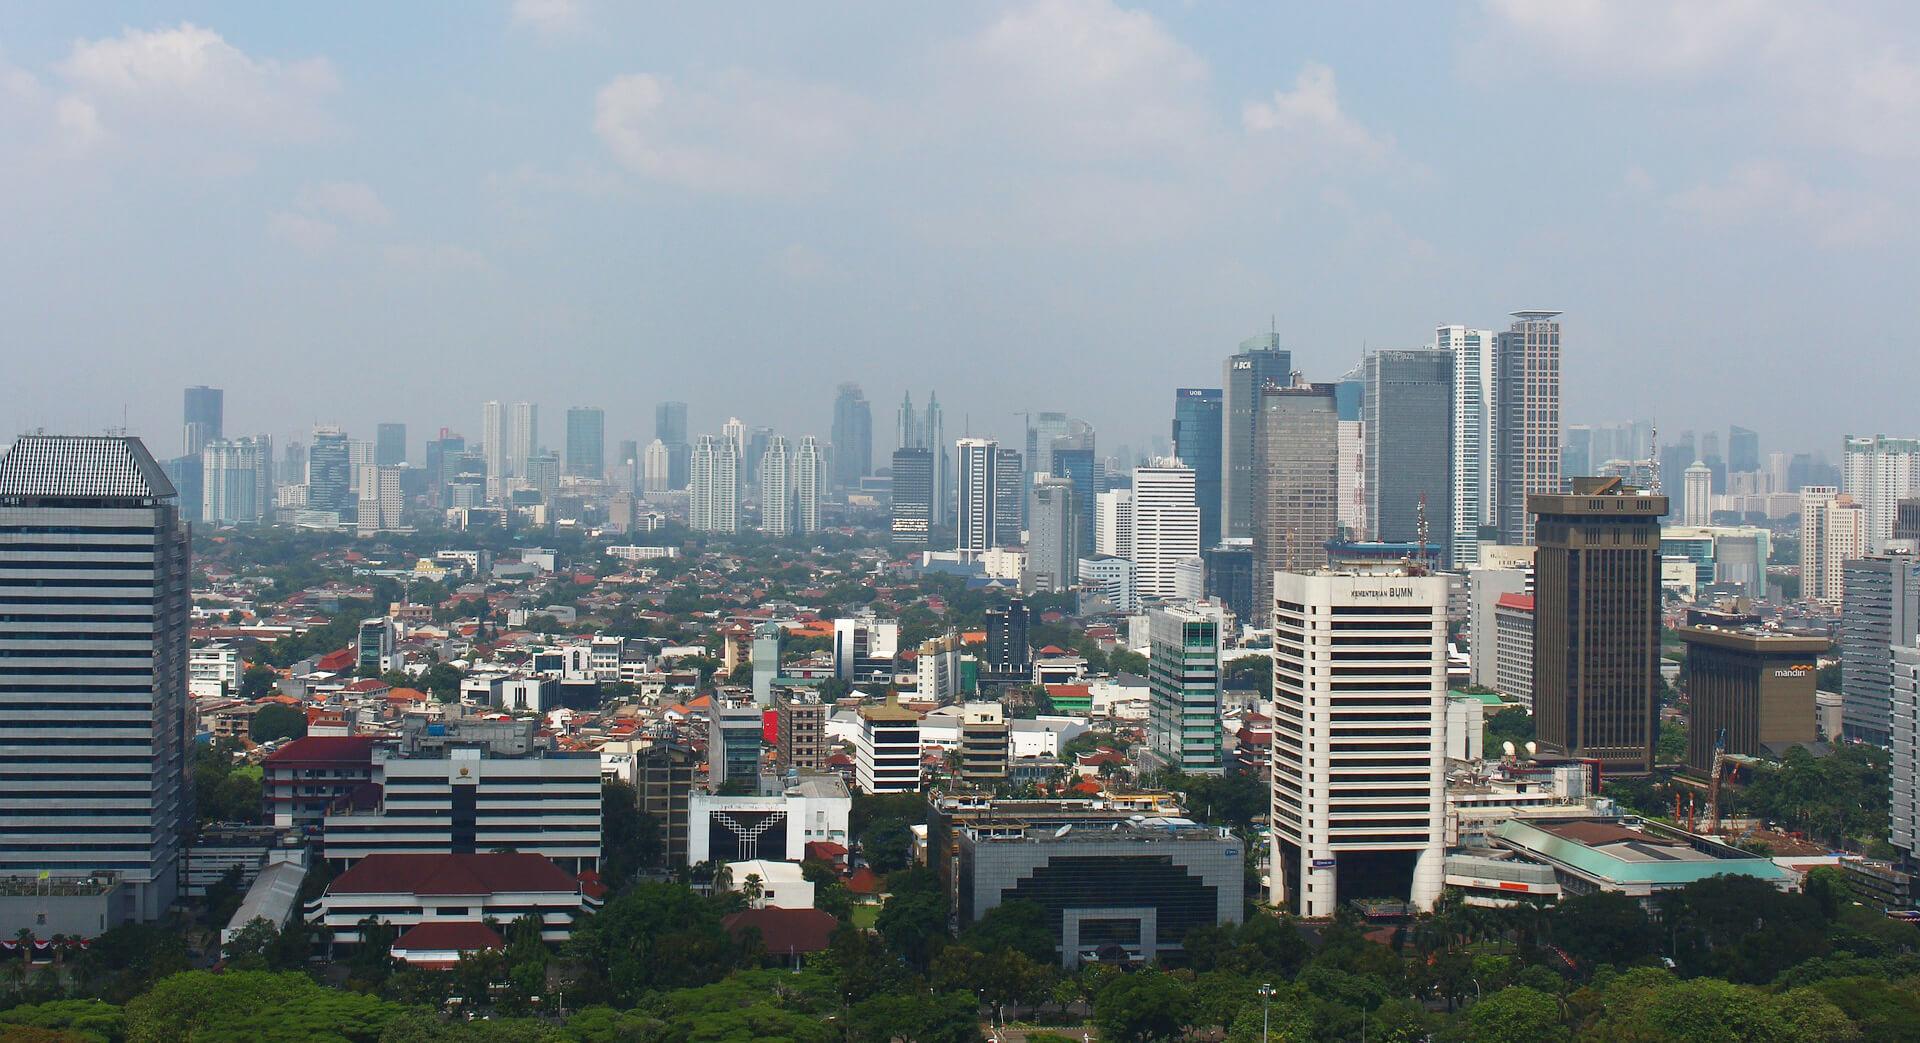 インドネシアの【首都移転】が閣議決定 | 移転の候補地パランカラヤとは…?